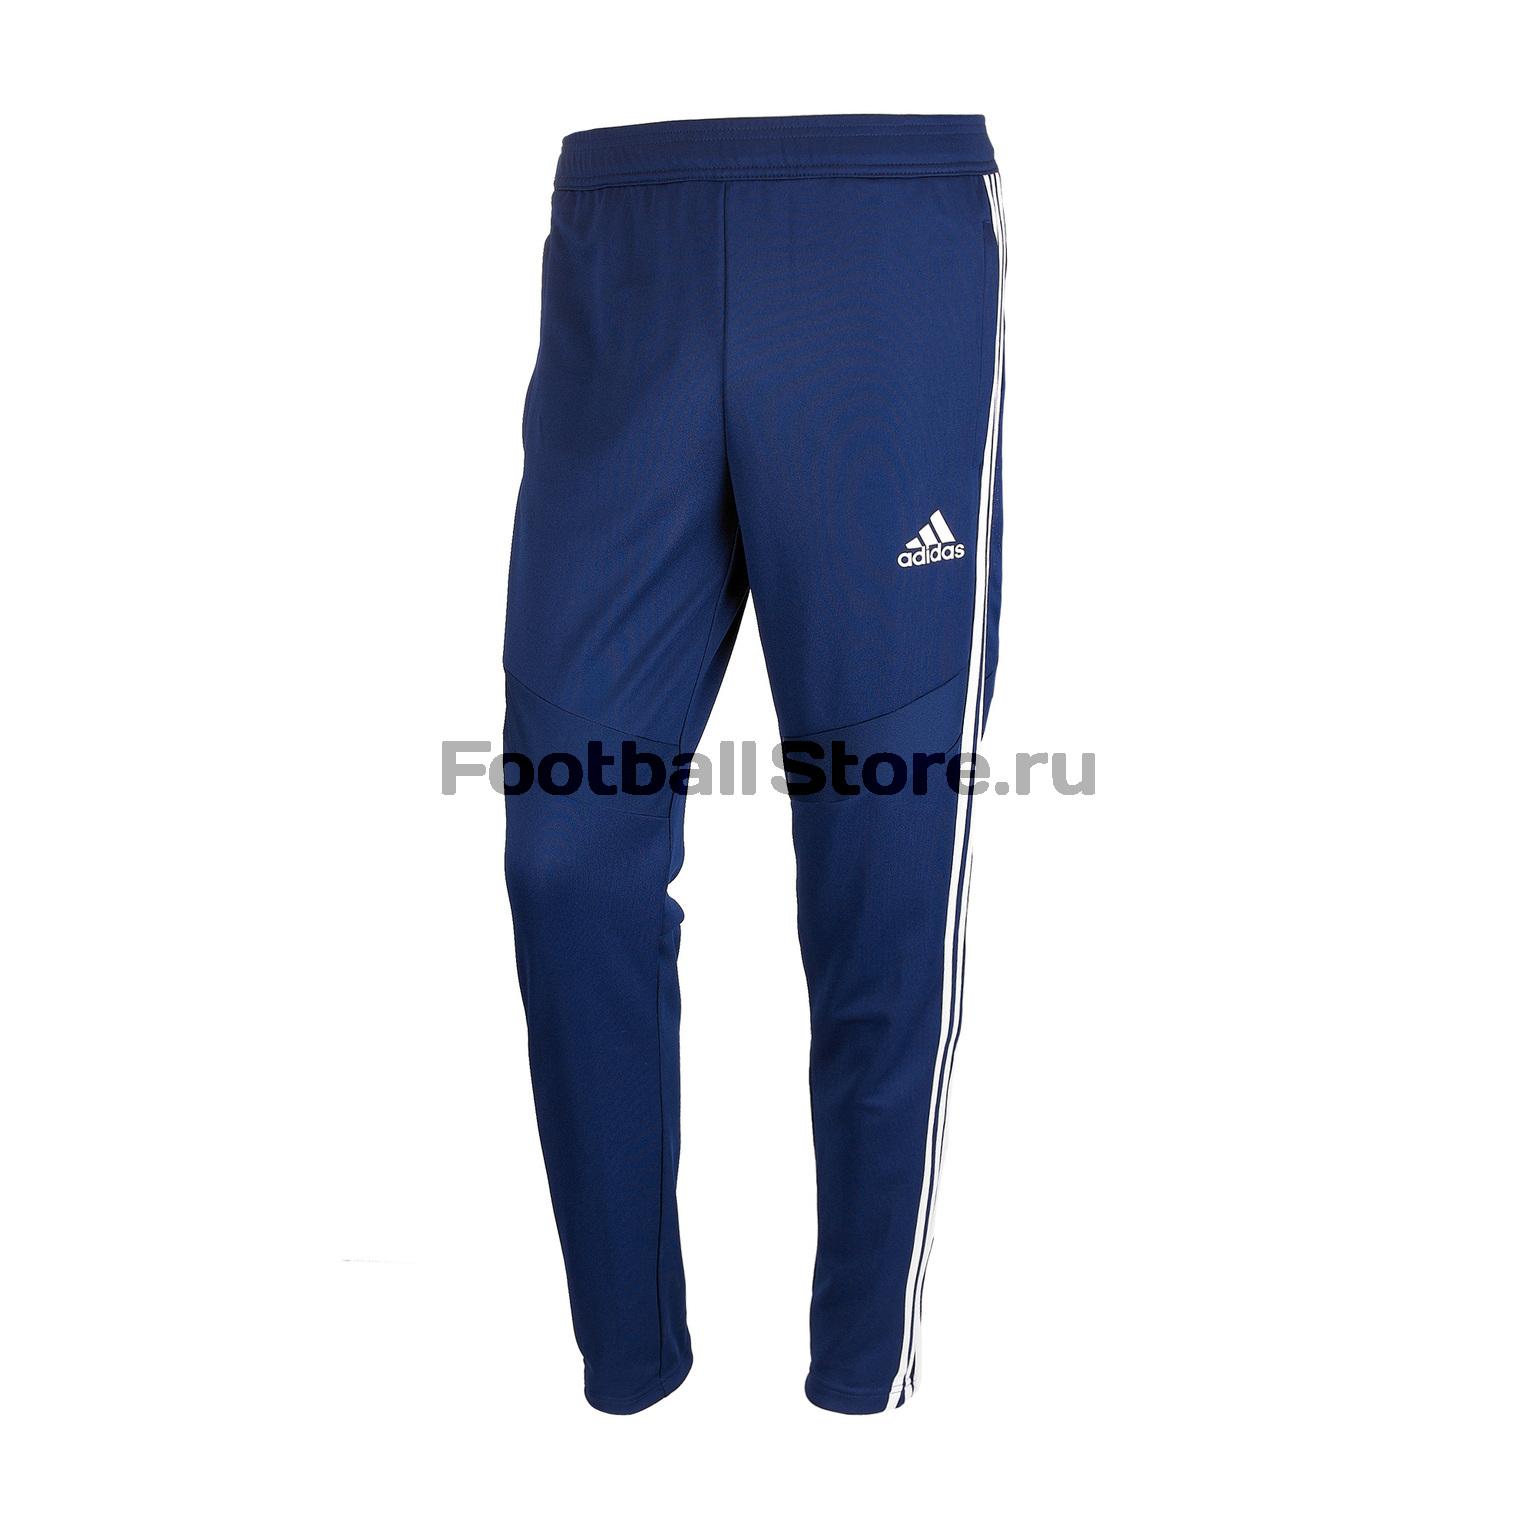 Брюки подростковые Adidas Tiro19 Pants DT5177